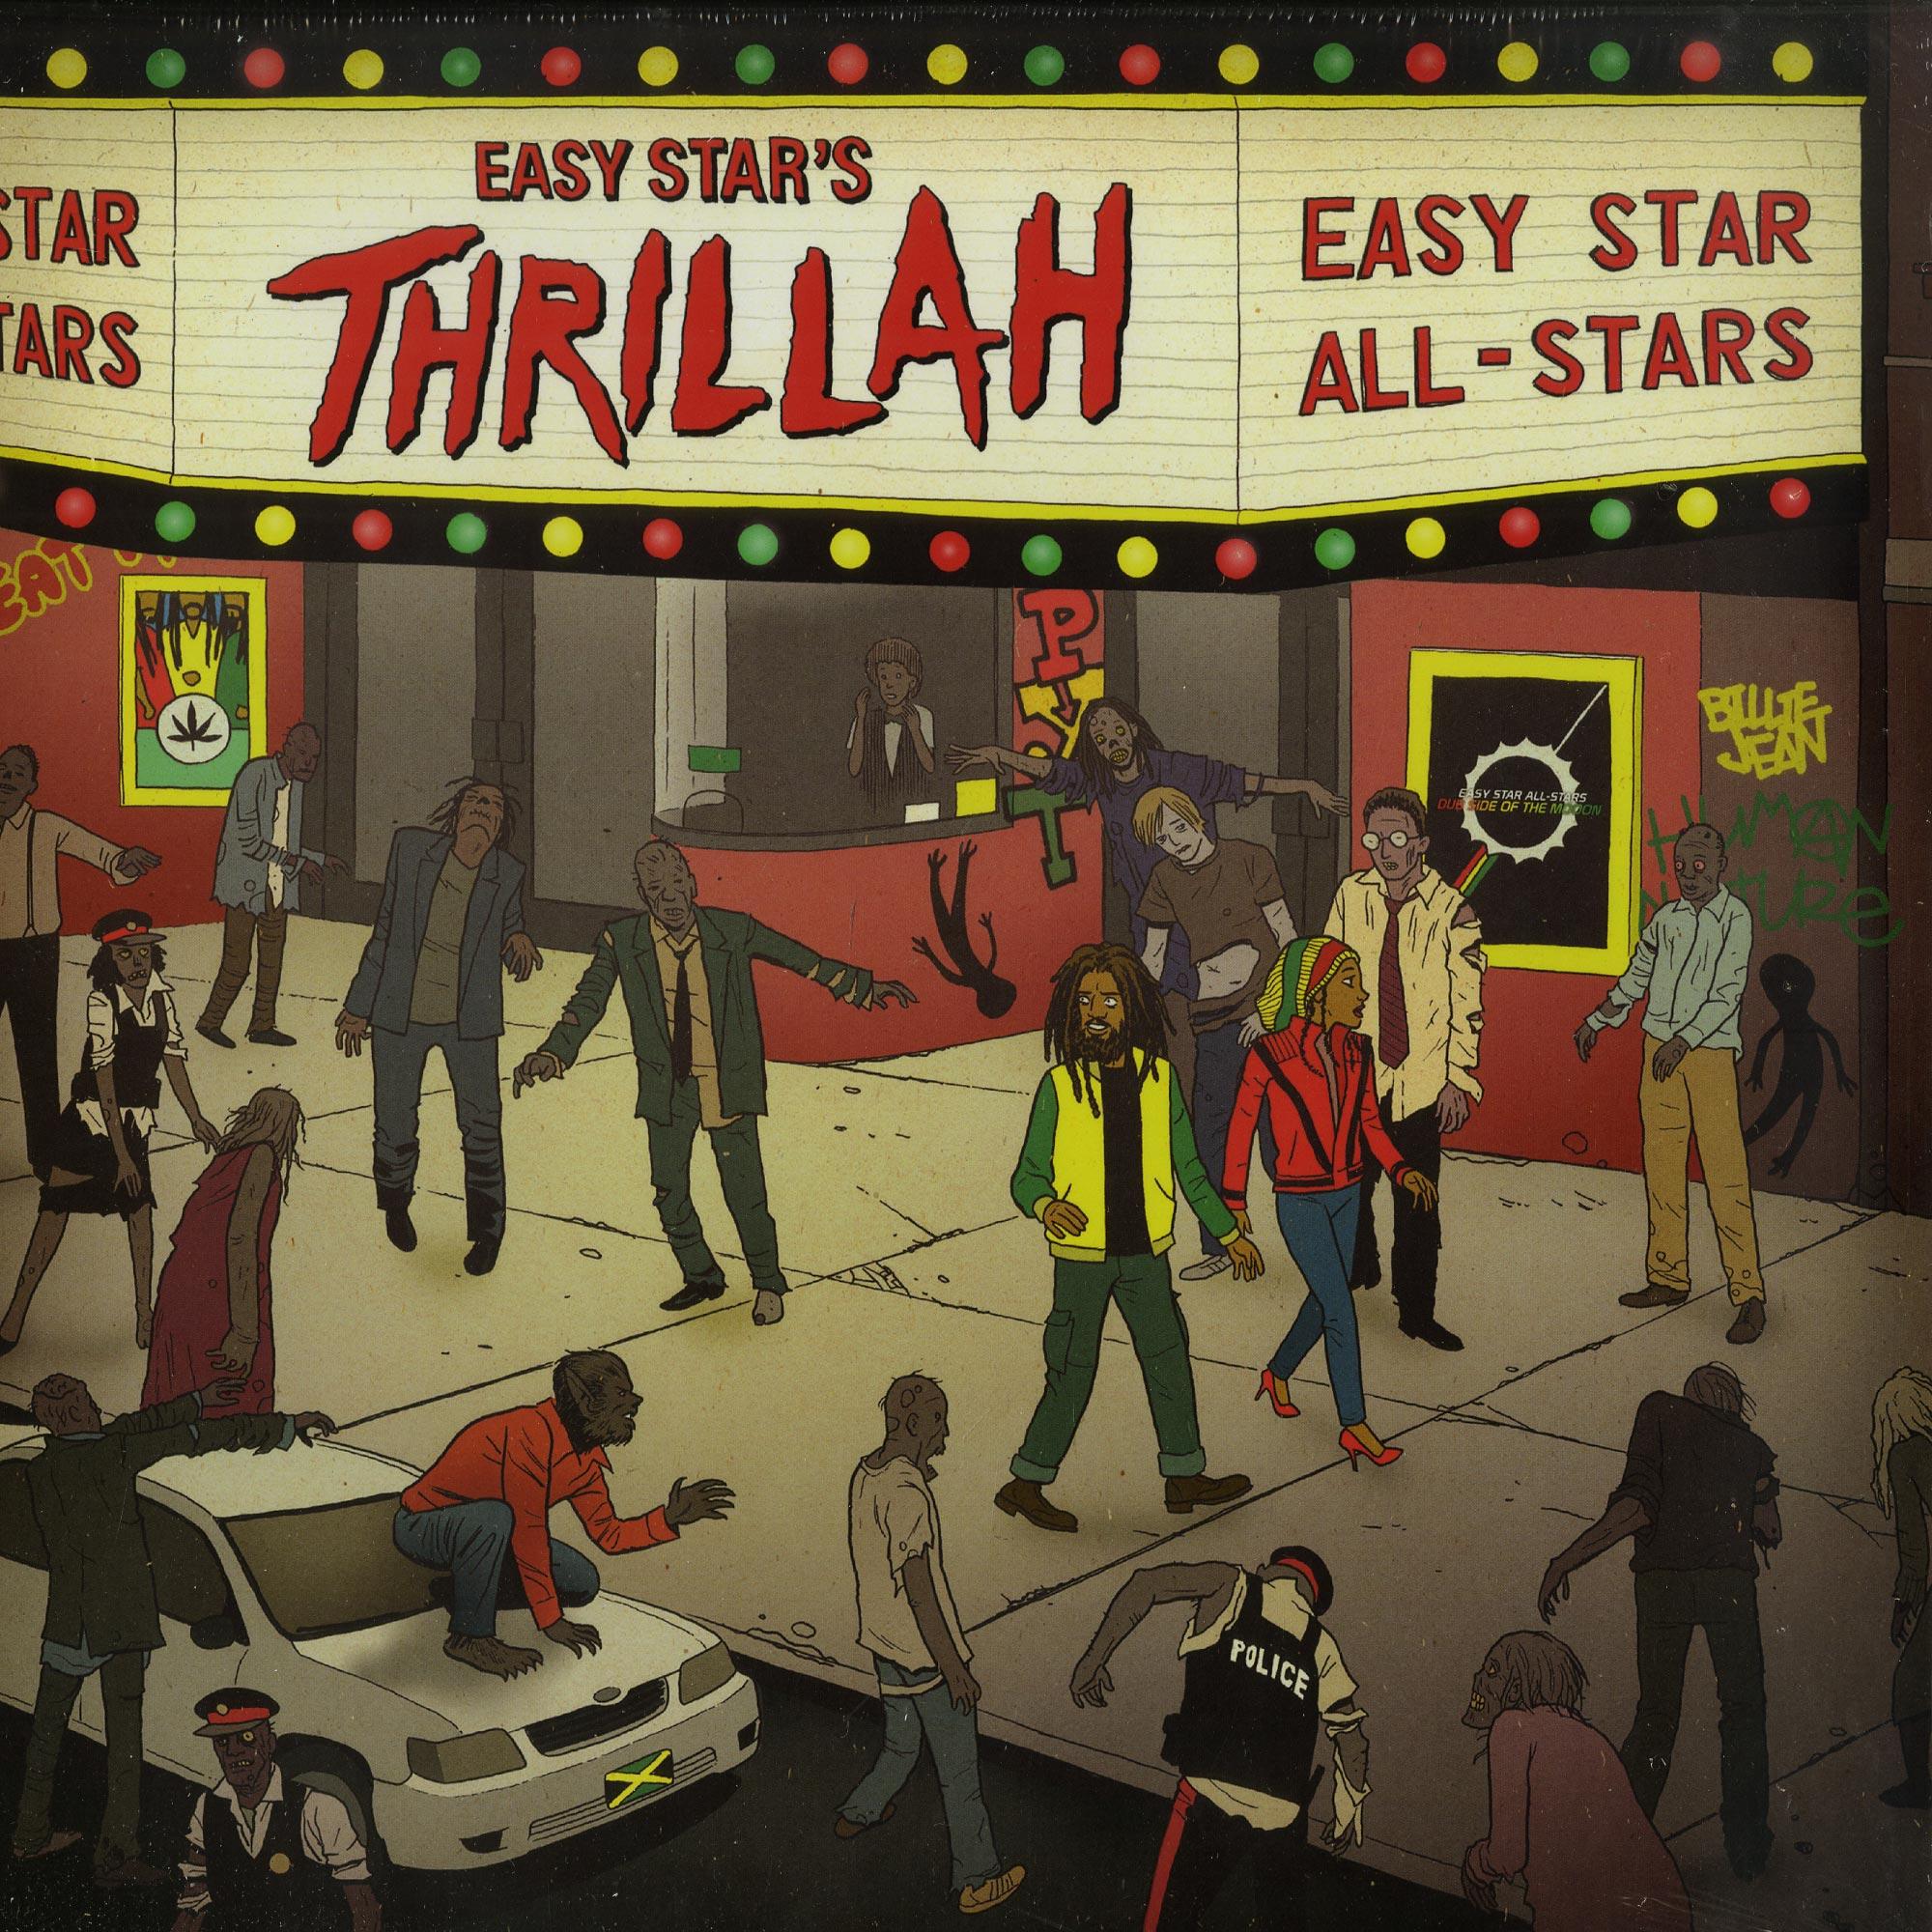 Easy Star All-Stars - EASY STARS THRILLAH